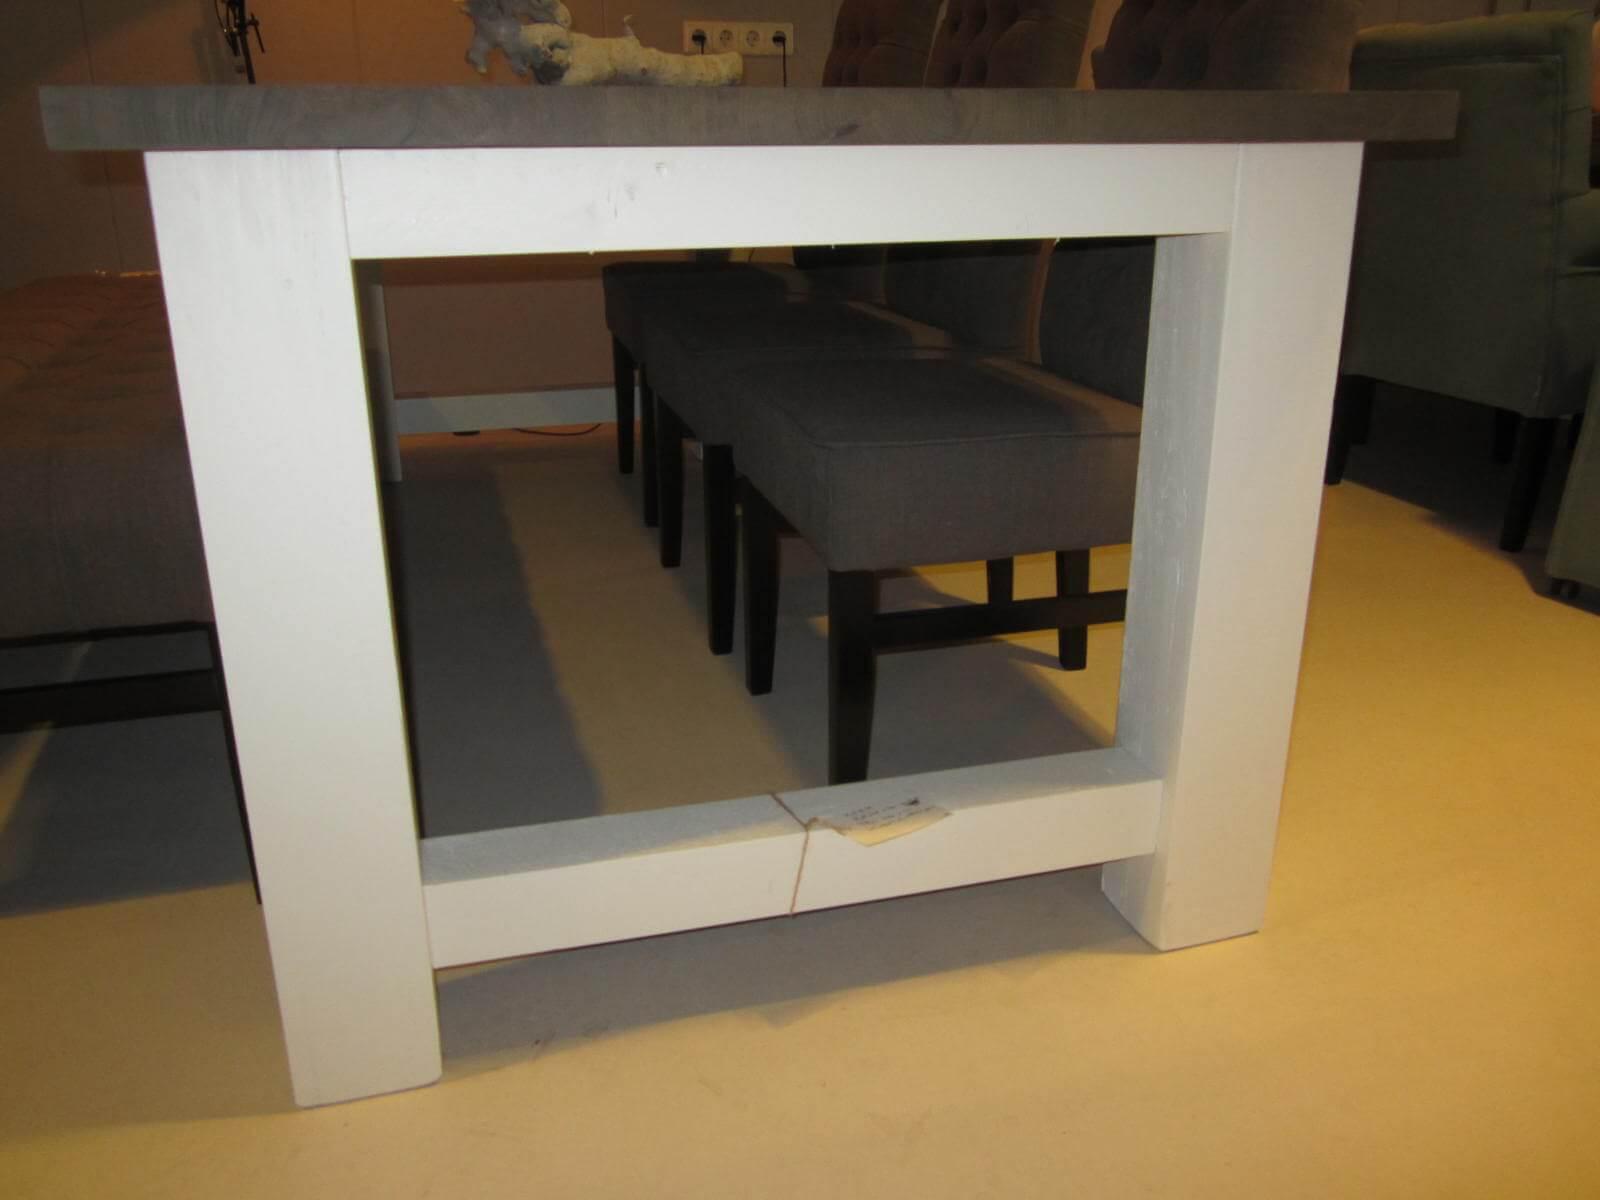 Bas eettafel eiken opruiming het ambacht losser woonwinkel meubelmakerij - Fauteuil bas ontwerp ...